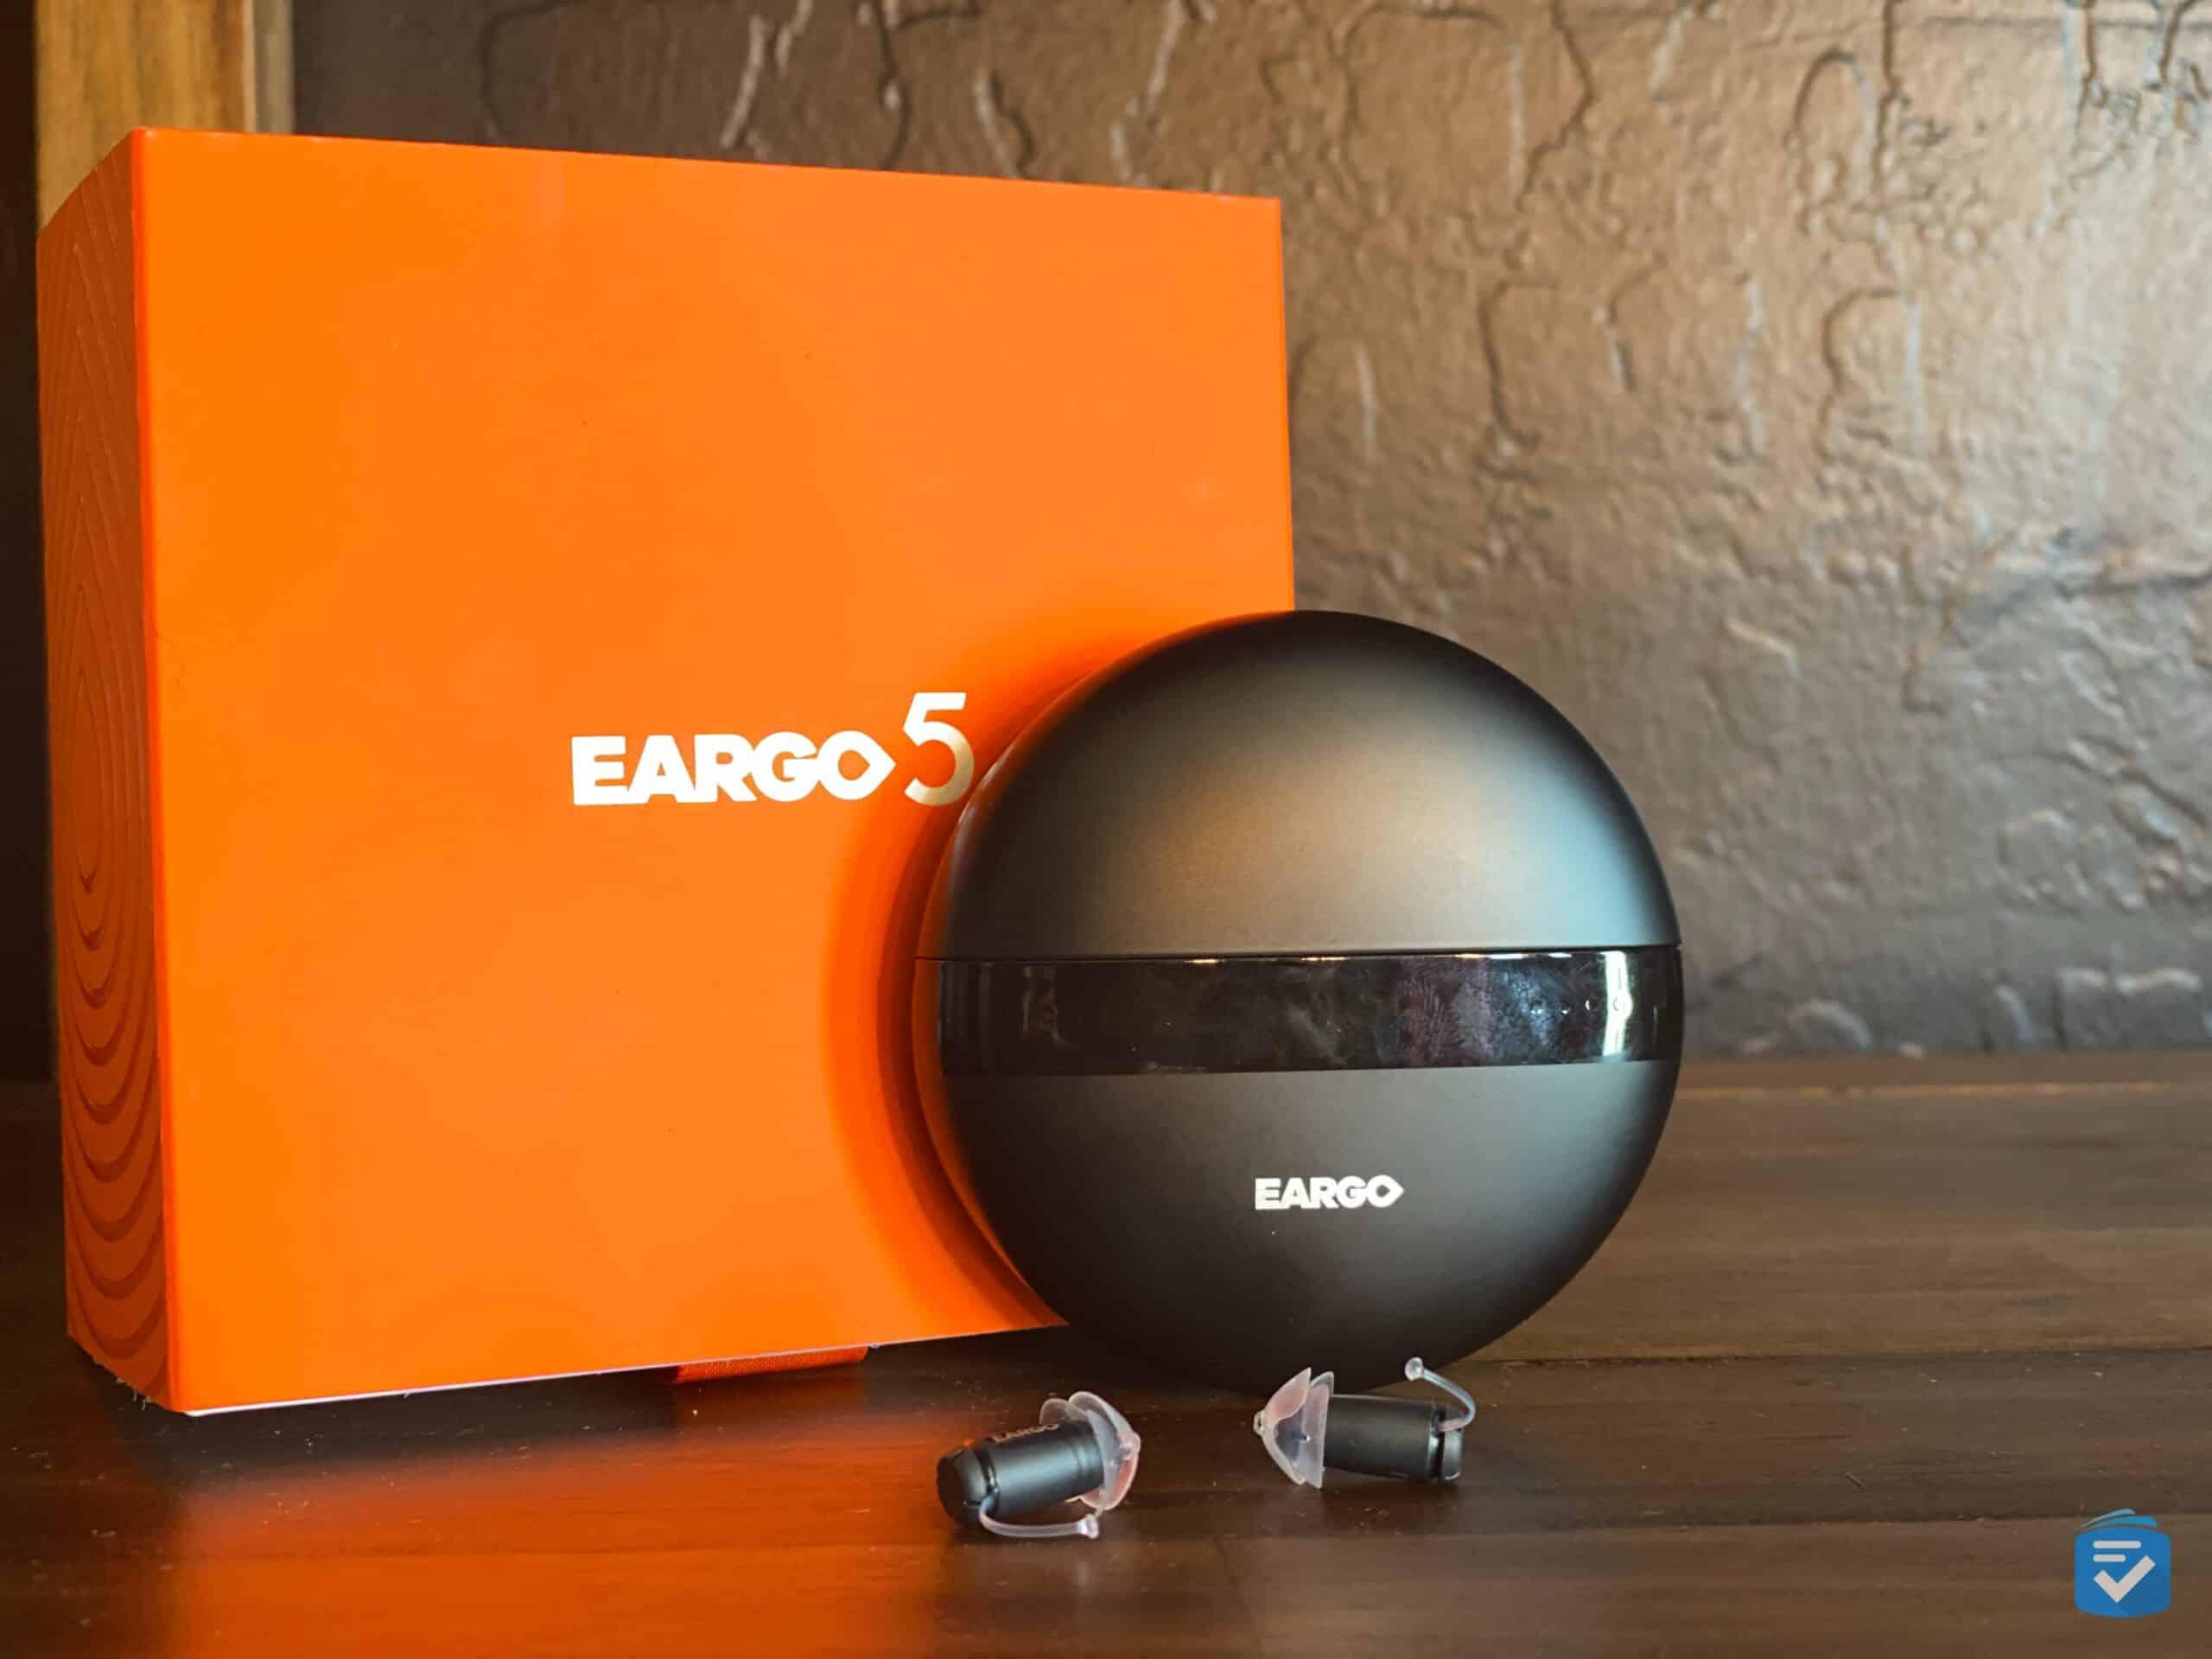 Eargo 5 hearing aids